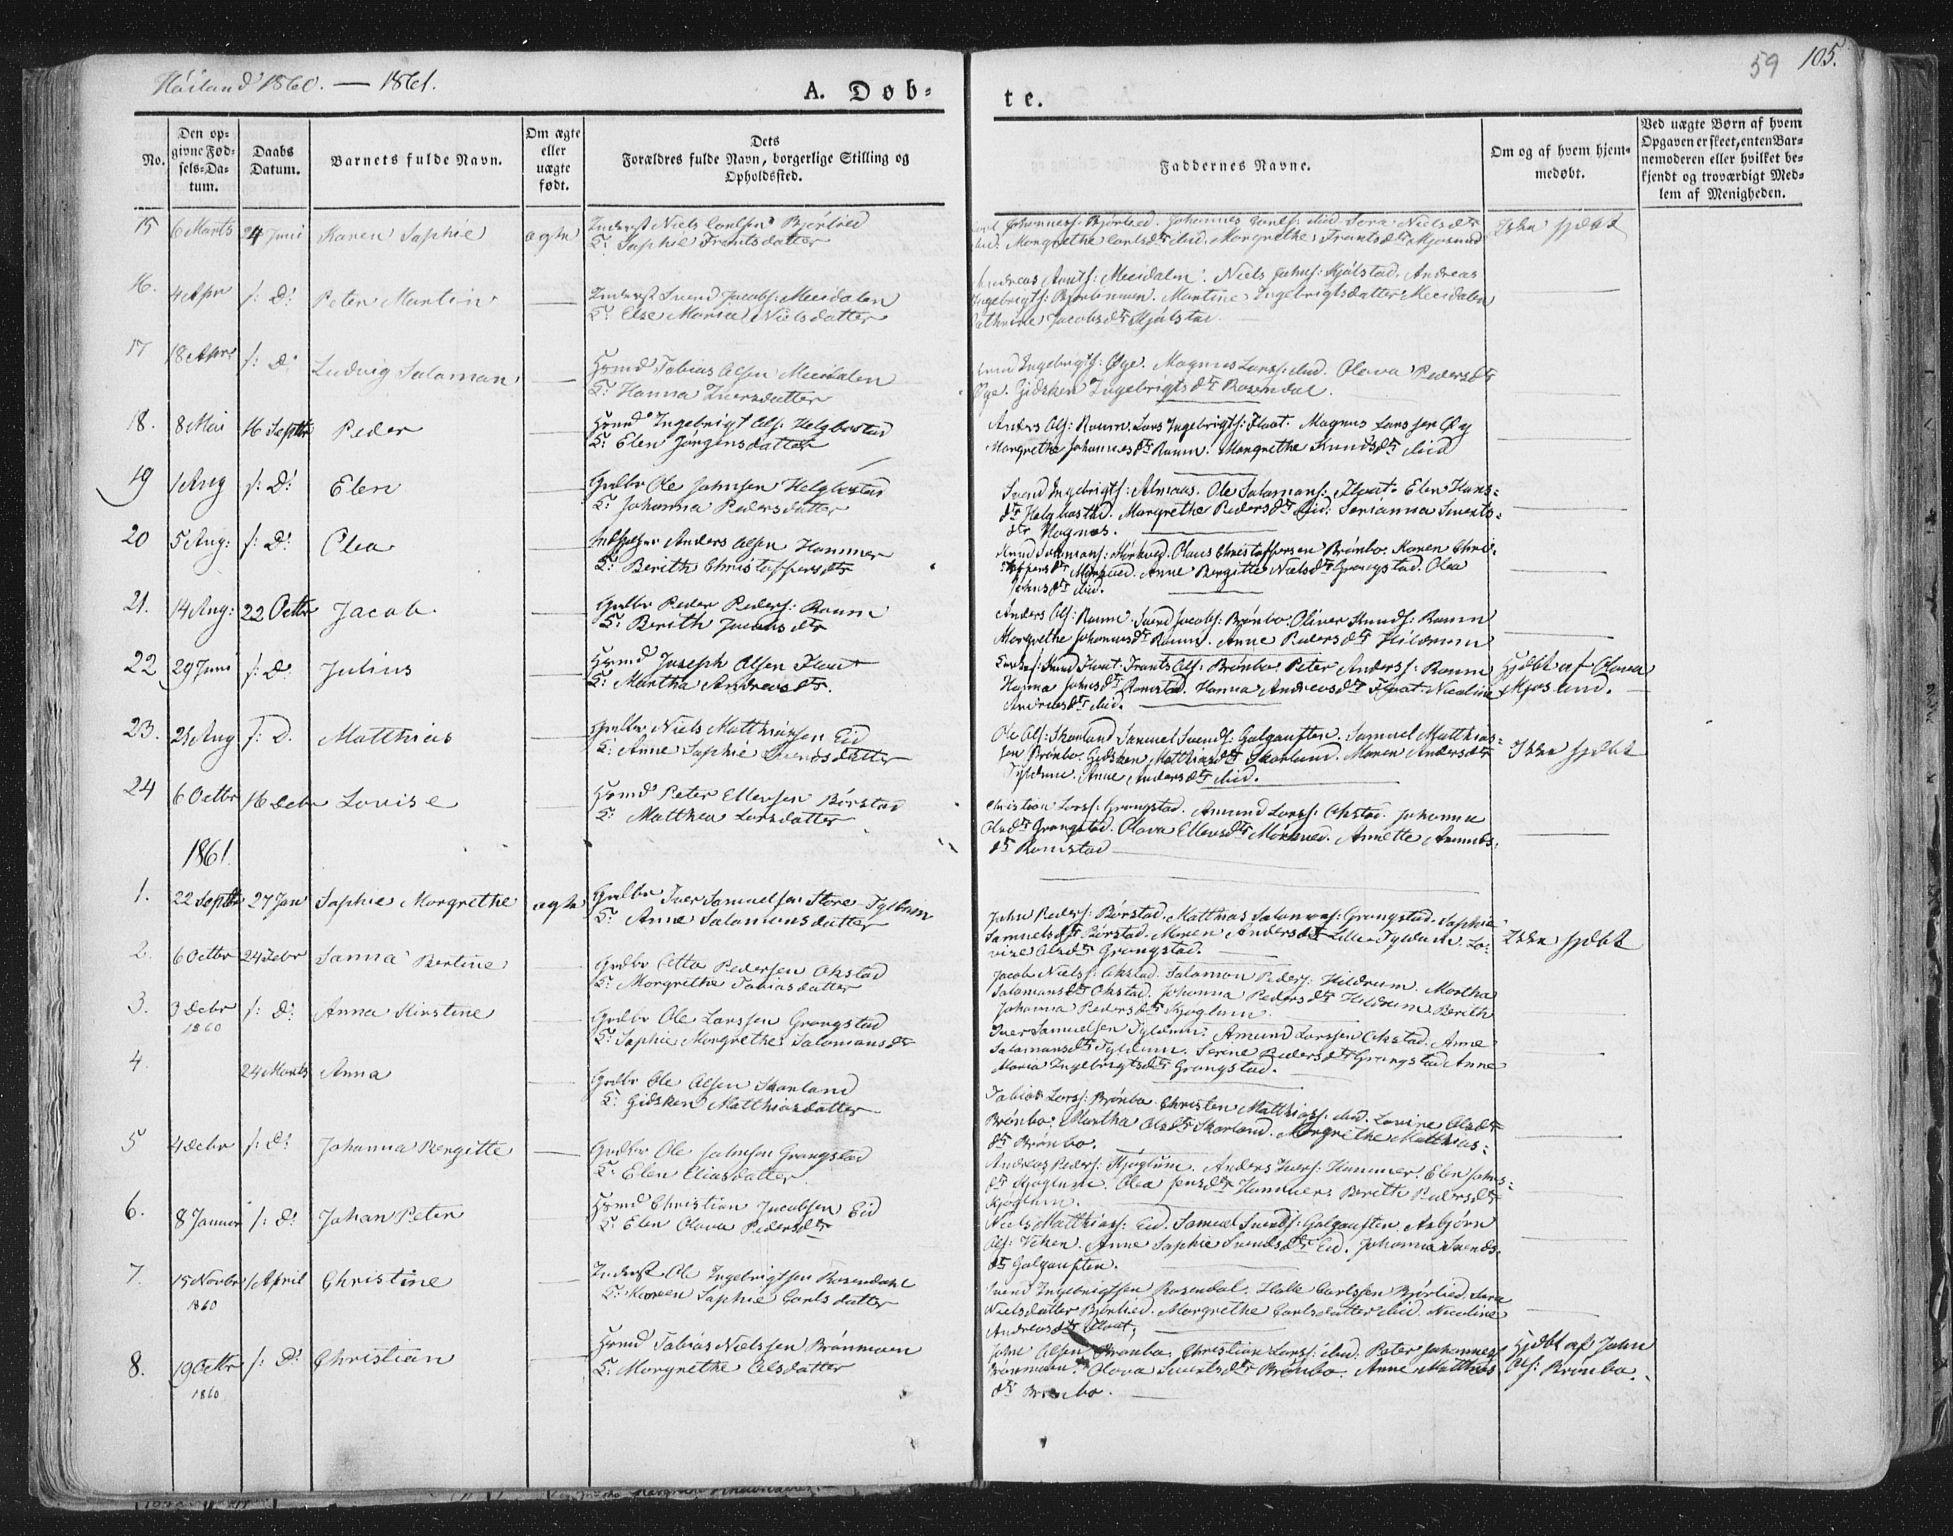 SAT, Ministerialprotokoller, klokkerbøker og fødselsregistre - Nord-Trøndelag, 758/L0513: Ministerialbok nr. 758A02 /2, 1839-1868, s. 59